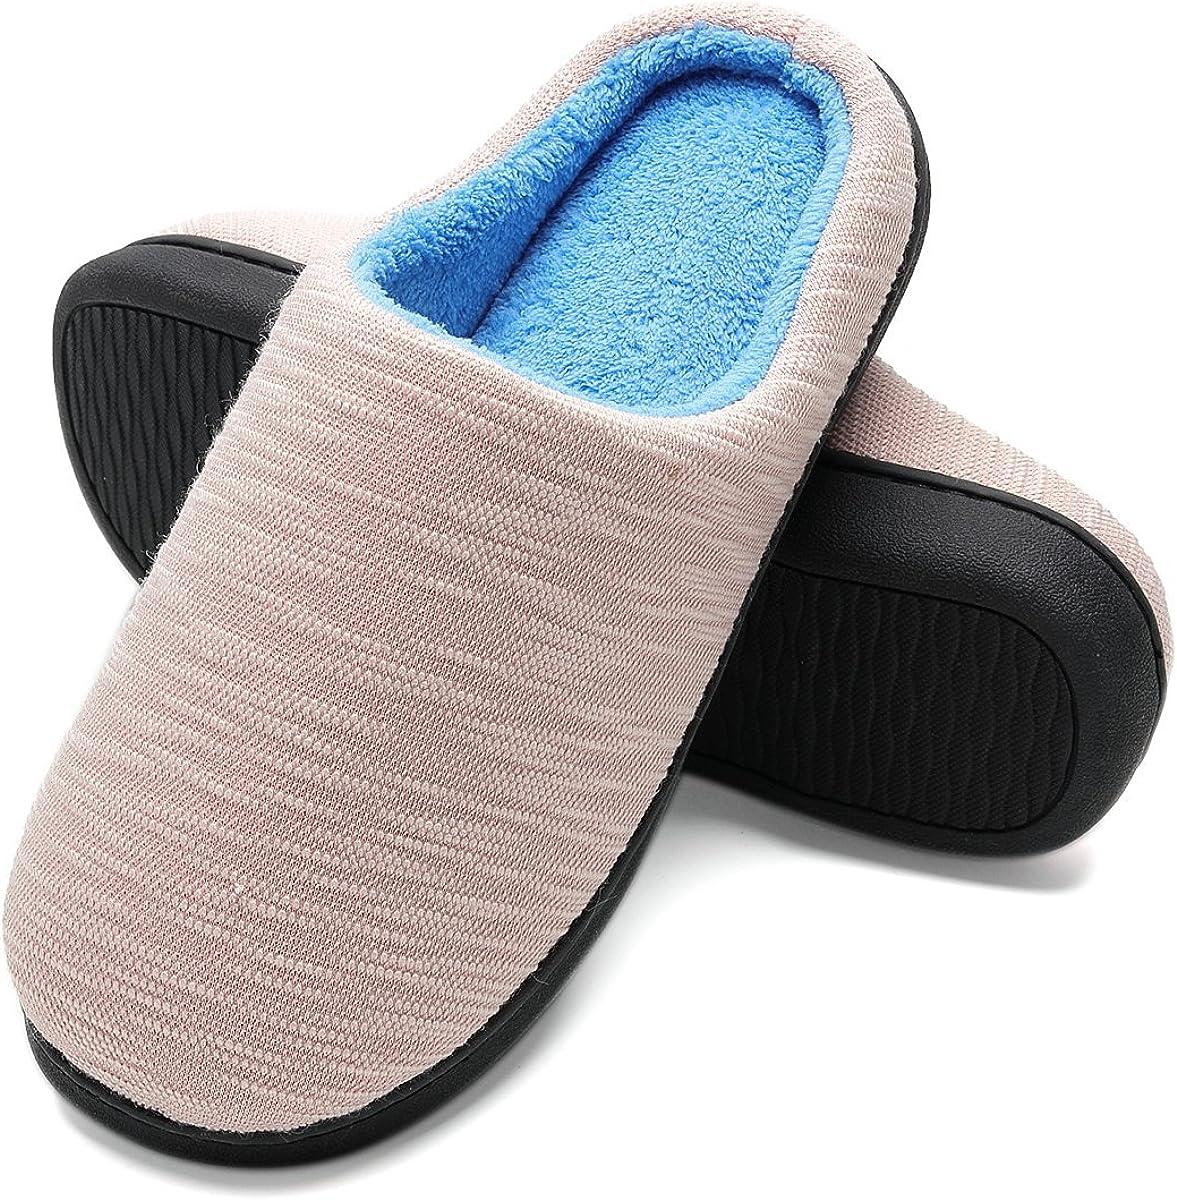 FLY HAWK Femme Maison Pantoufles Chaussons en Mousse /À M/émoire Pantoufles Doubl/ées Confort Pantoufles Doubl/ées en Peluche Antid/érapantes pour Automne Hiver